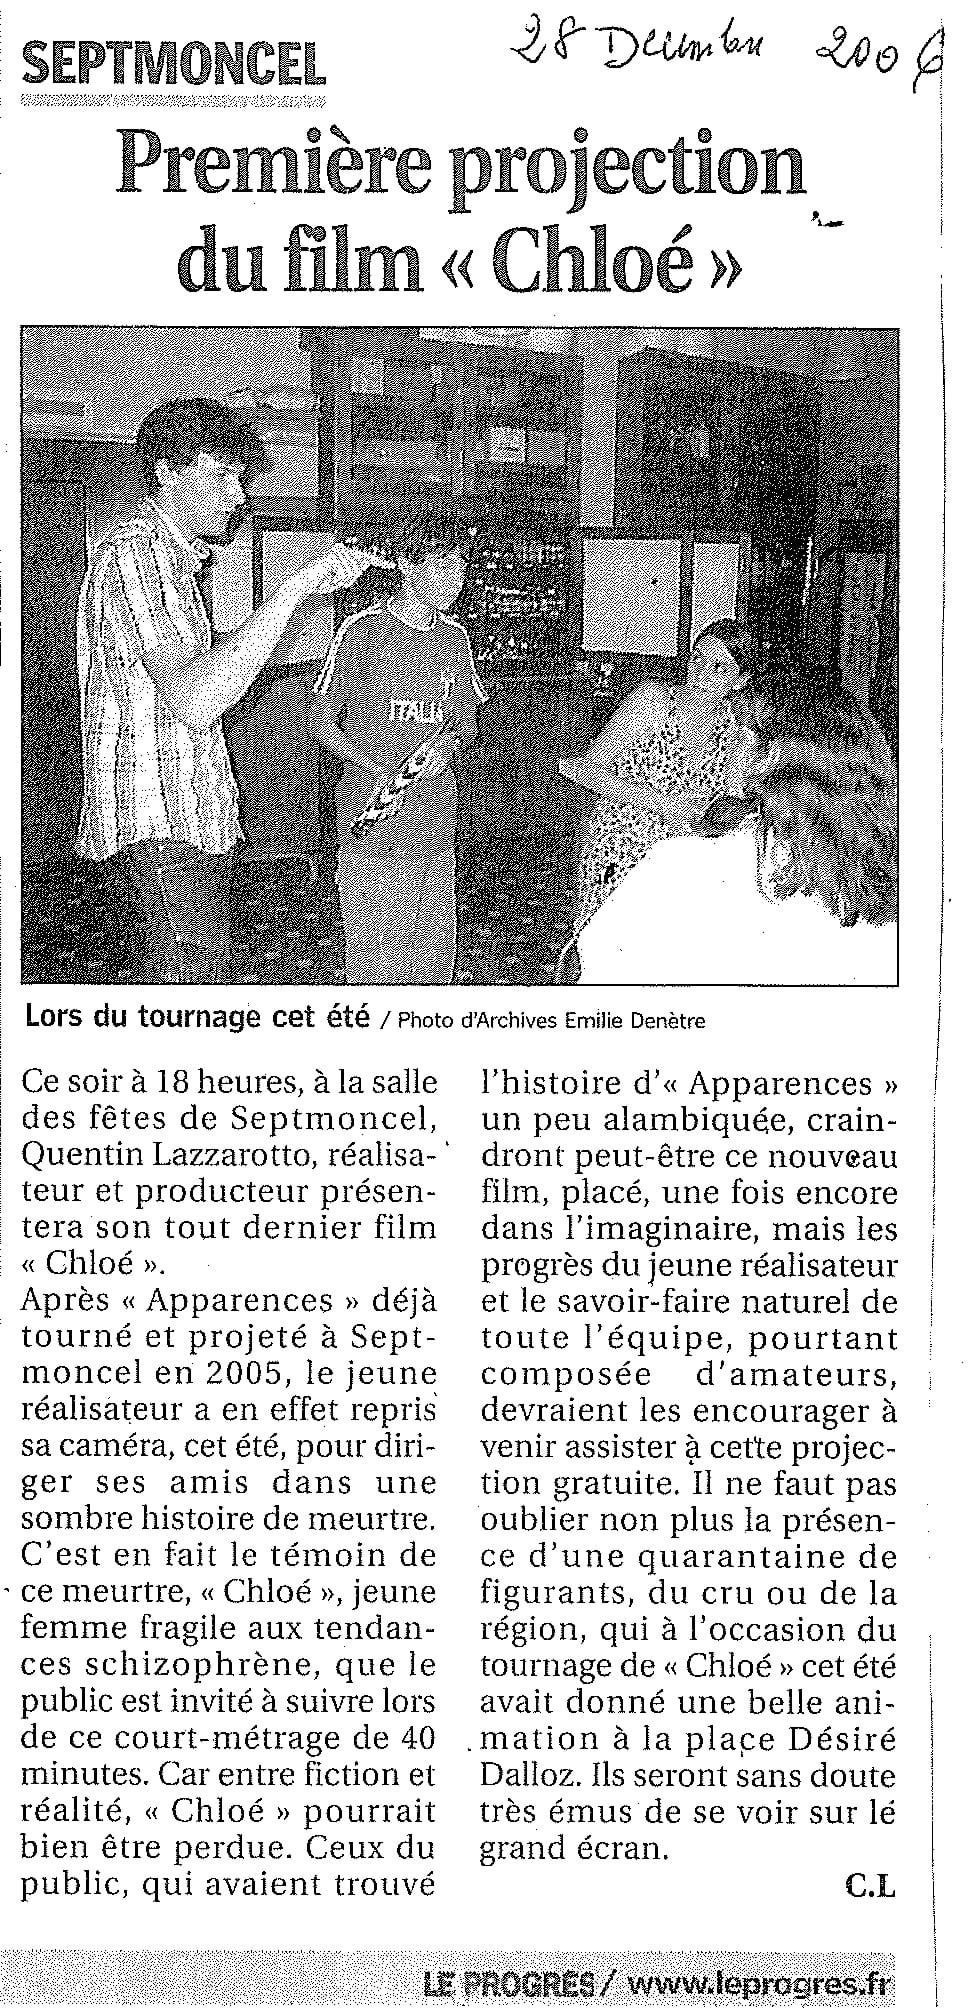 Première projection du film Chloé